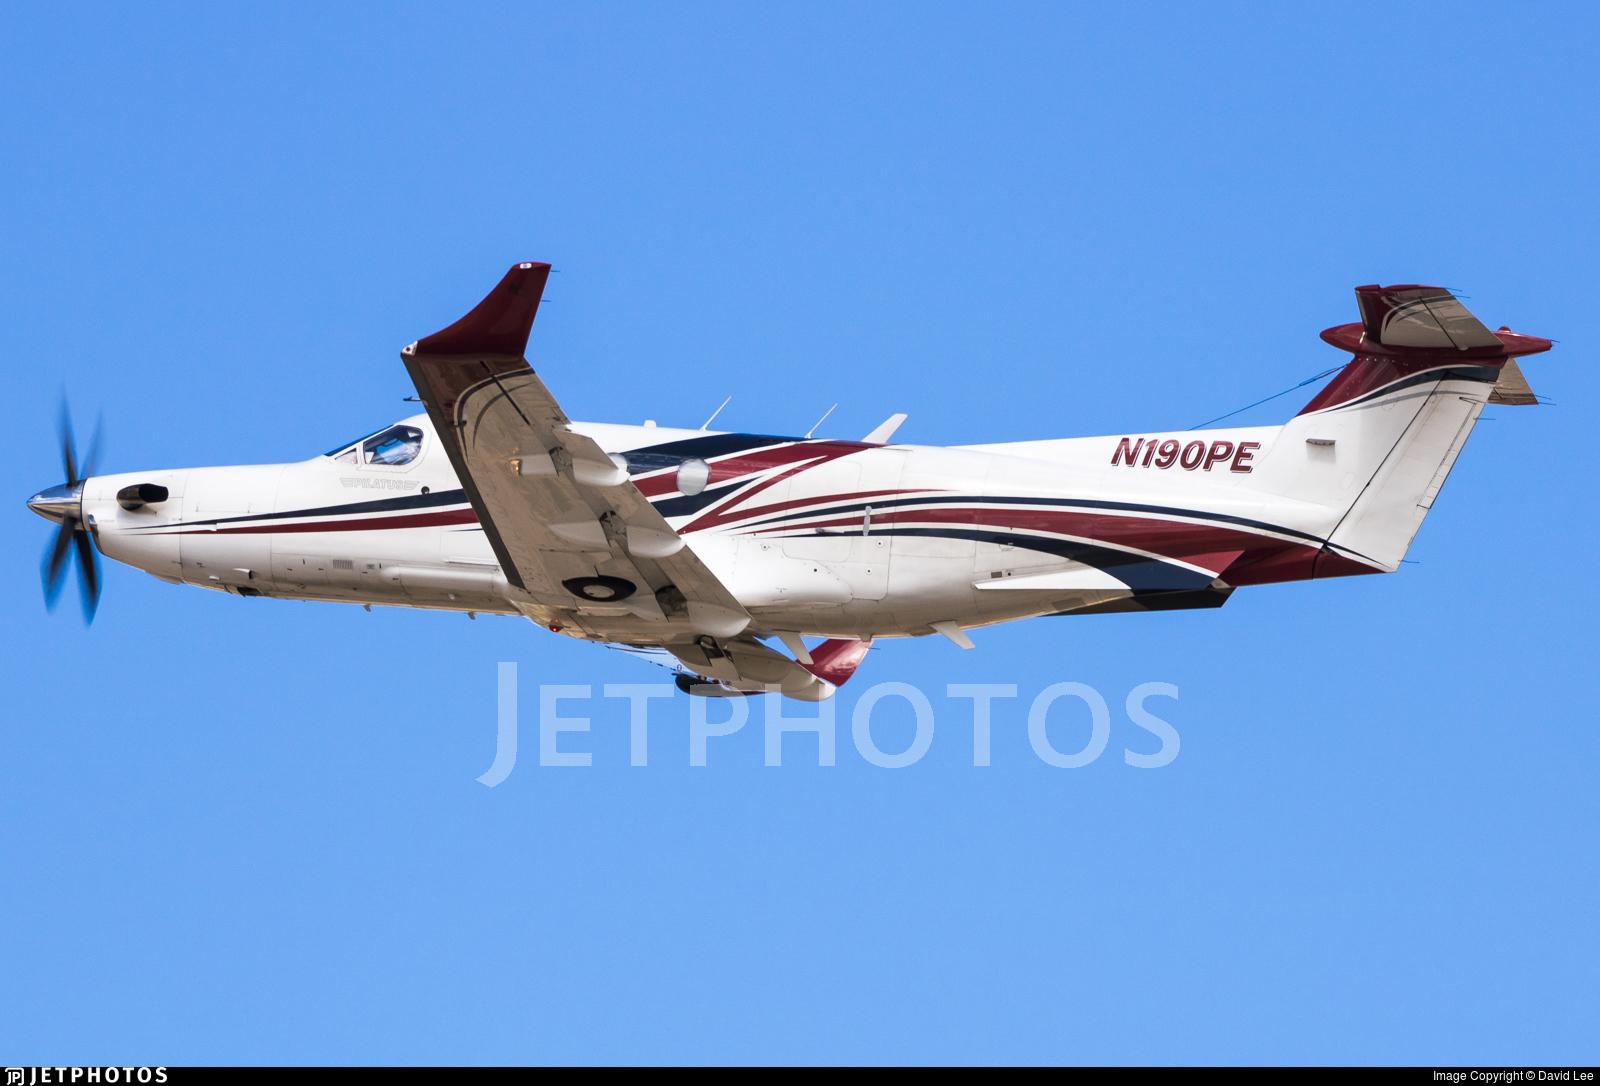 N190PE - Pilatus PC-12/45 - United States - Department of Interior